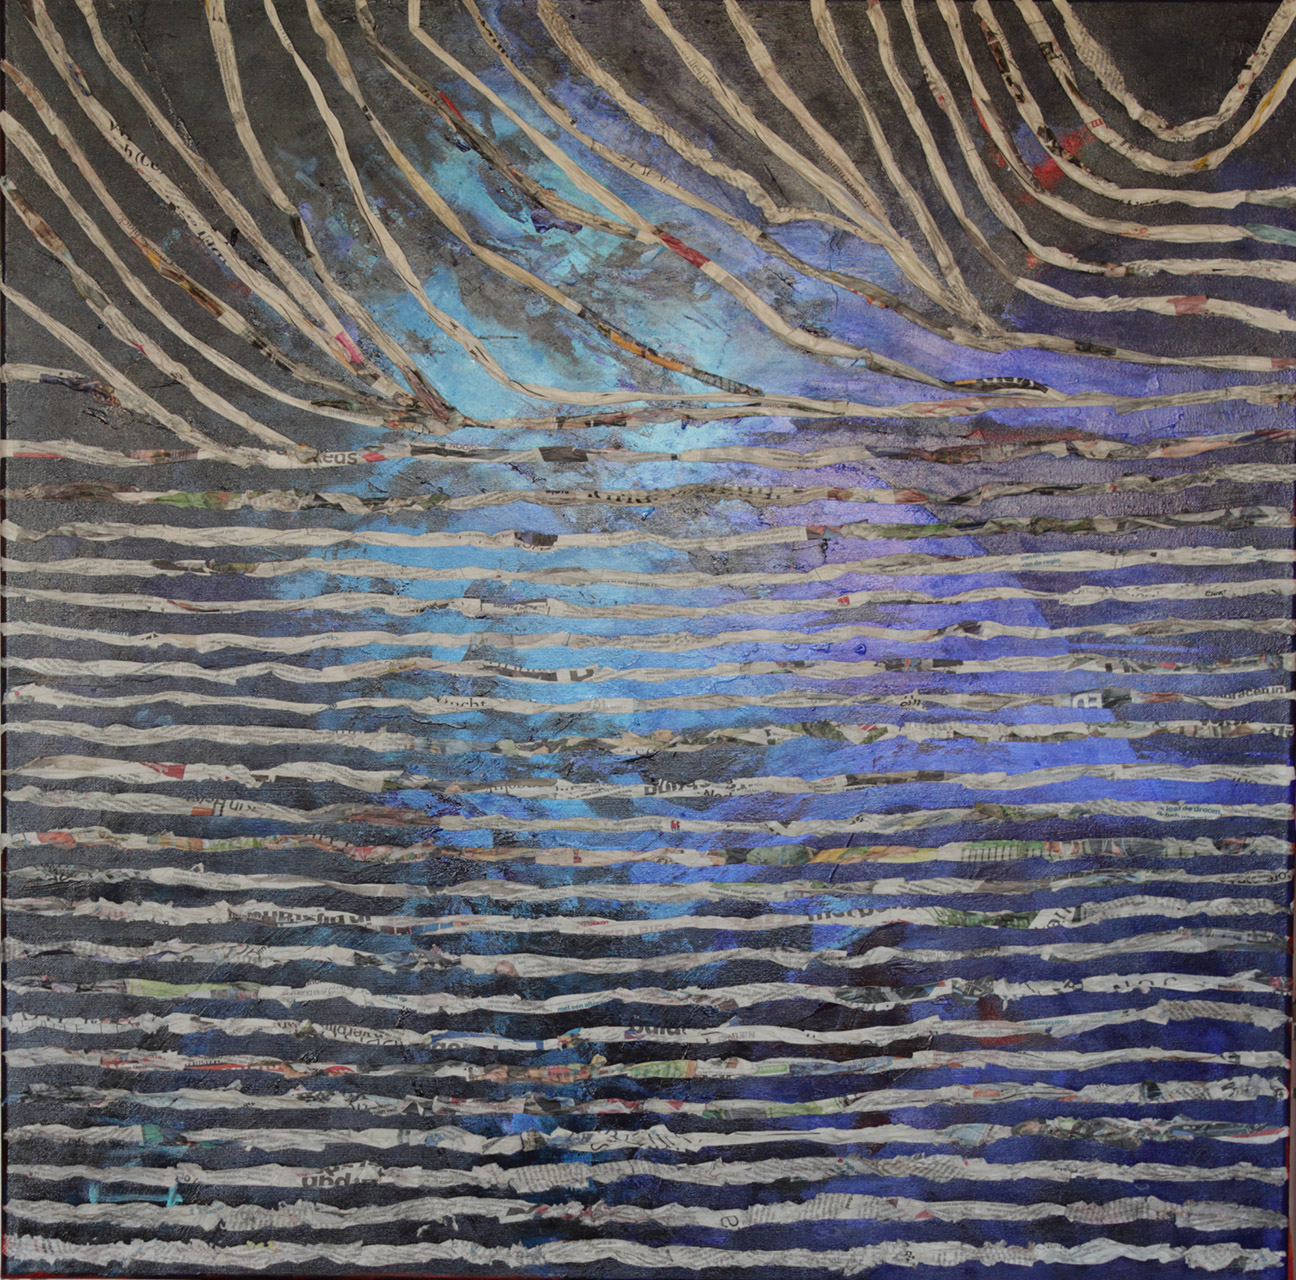 Marja van Dooremalen_Paper waves_acryl op doek_90x90